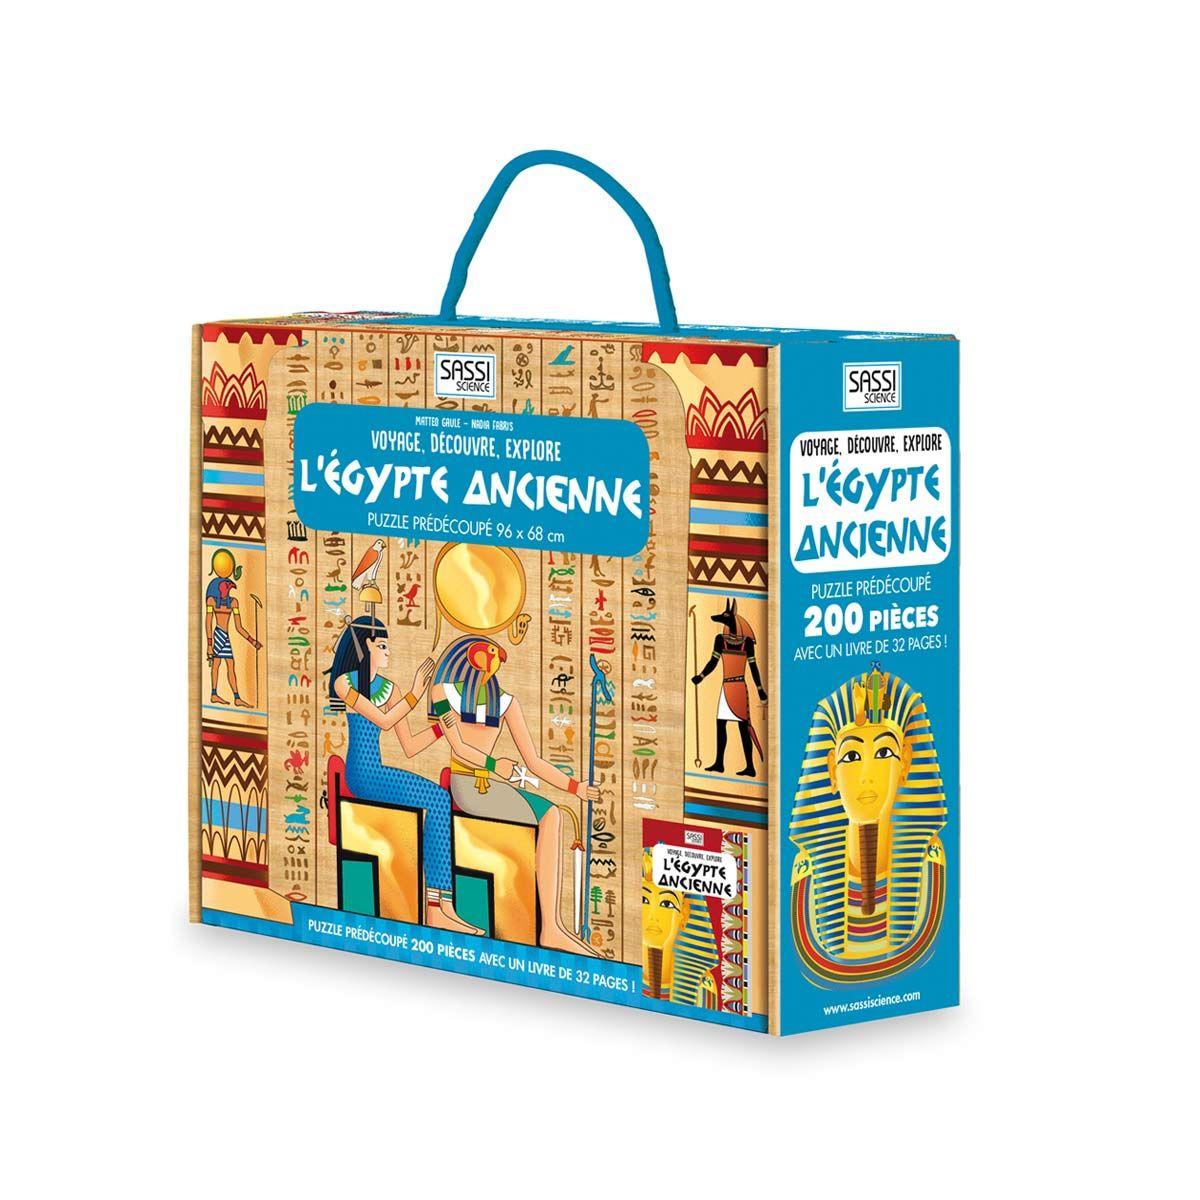 Puzzle Découverte De L'egypte Et Son Livret Sassi | Jeux avec Jeux Enfant 7 Ans